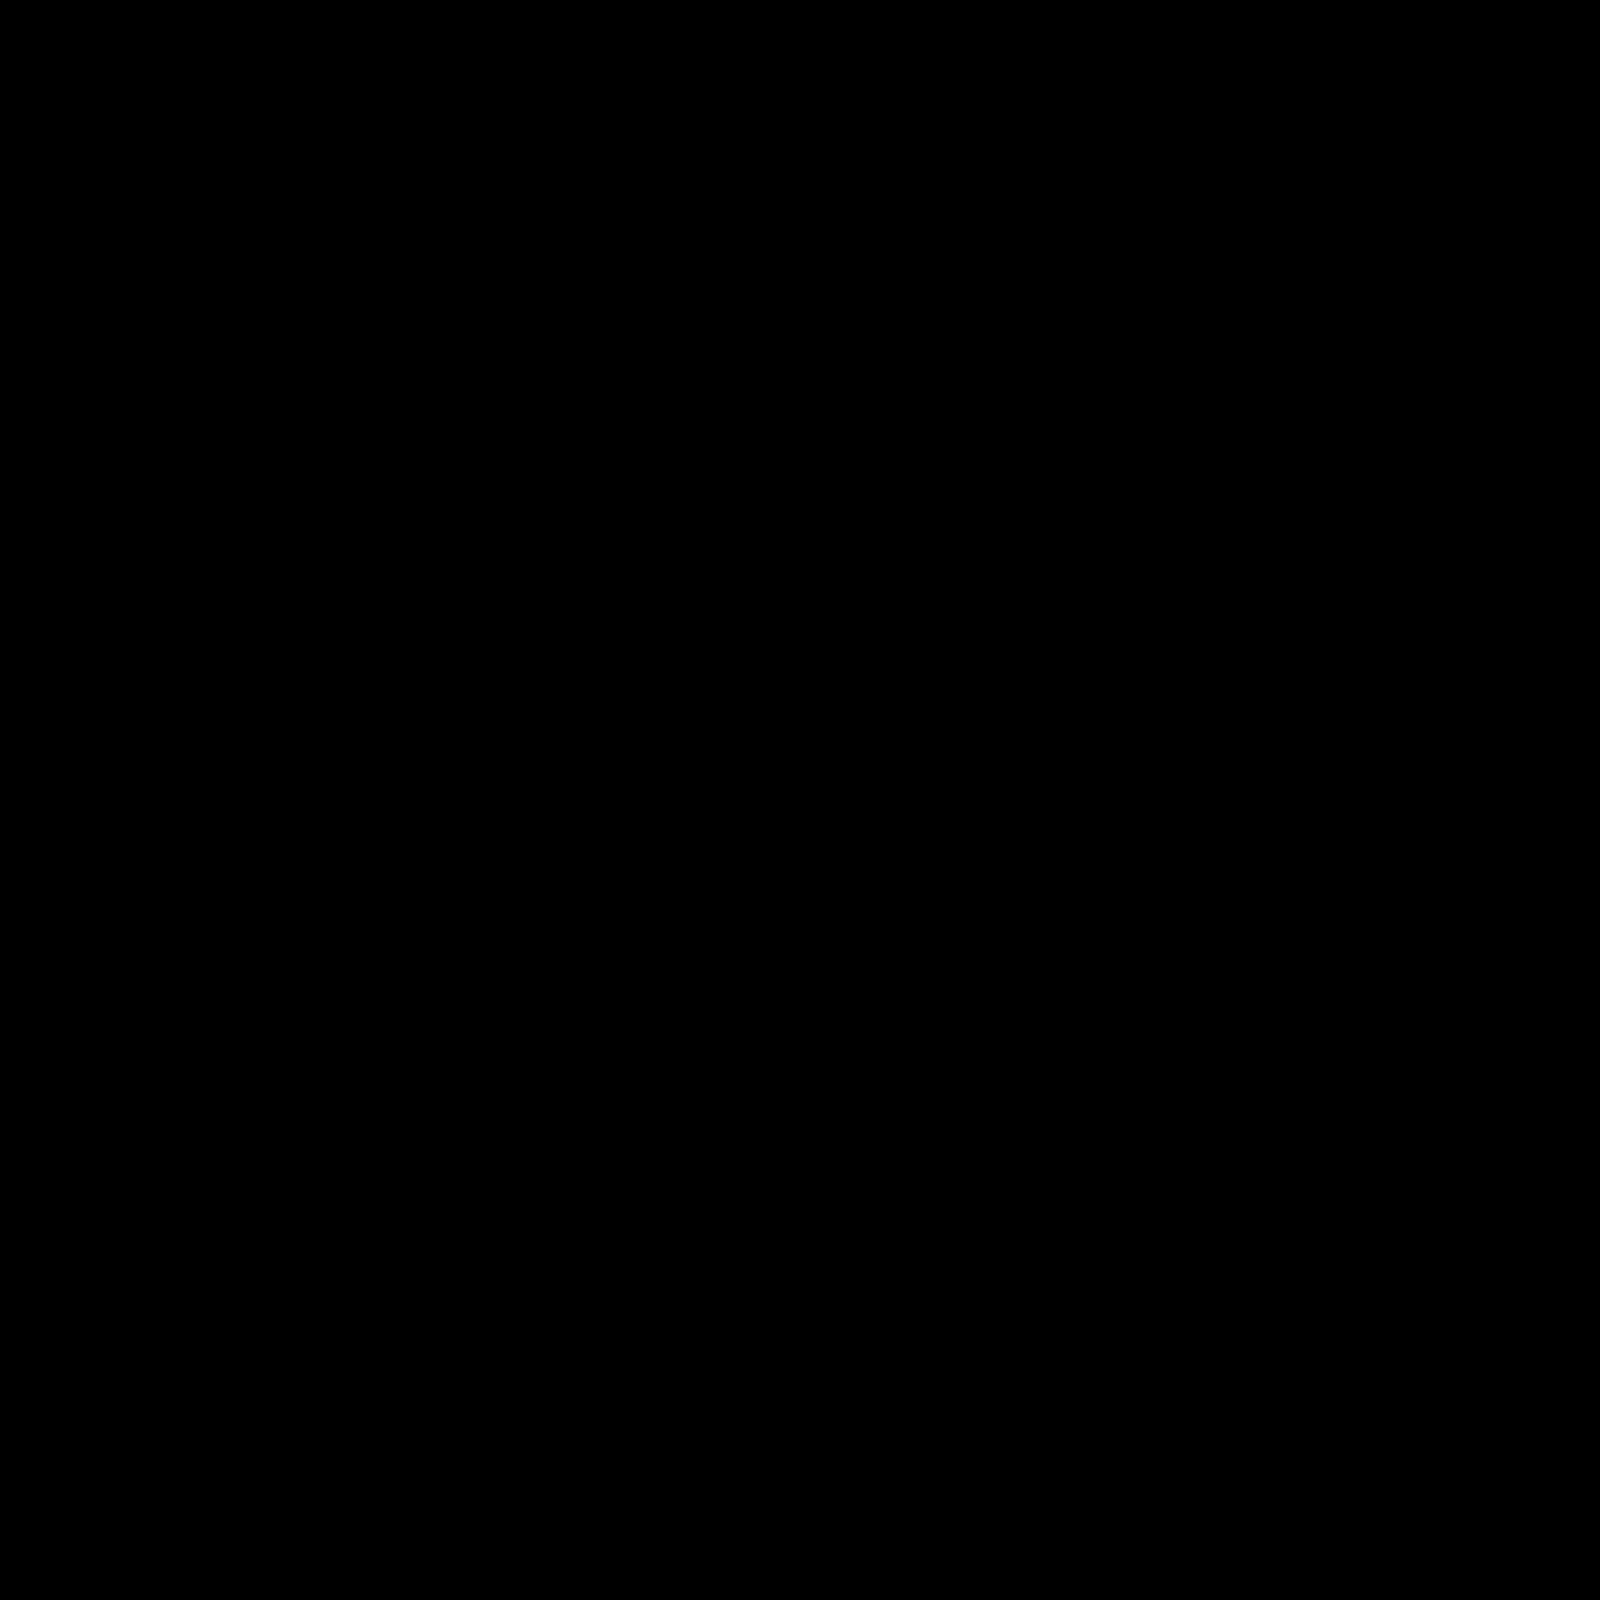 Бриллиант PNG